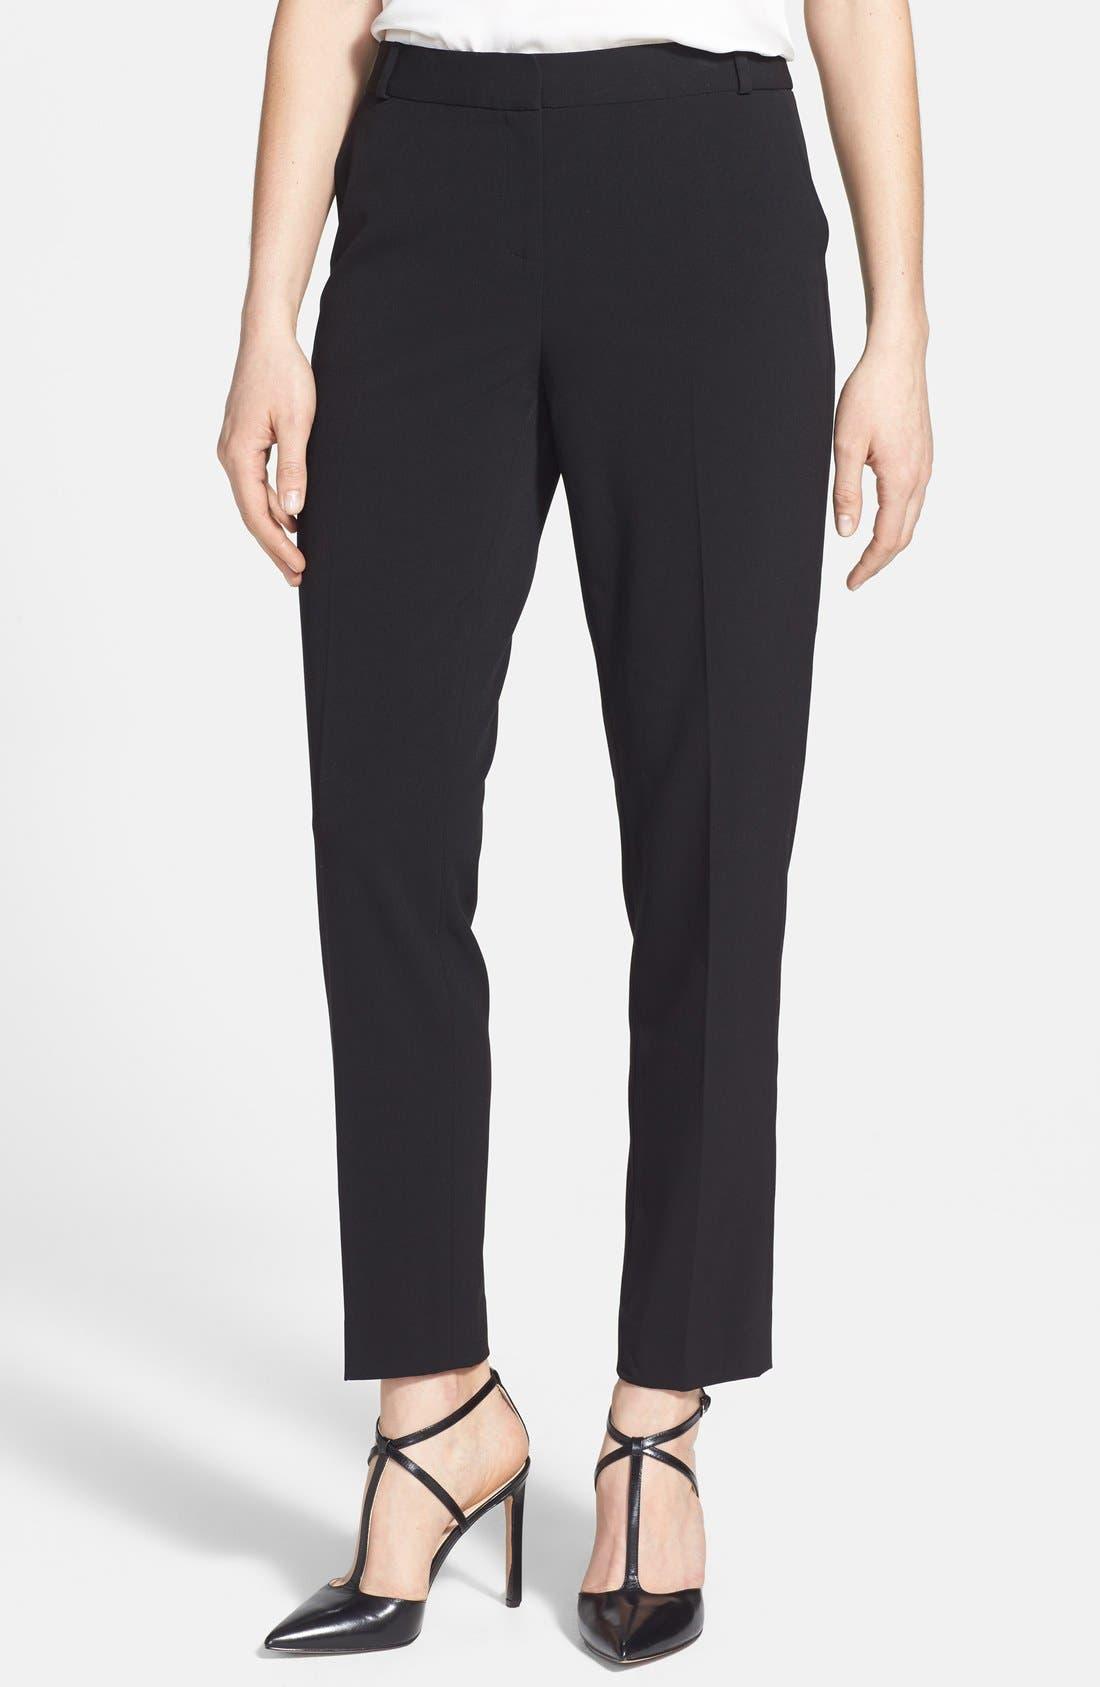 Alternate Image 1 Selected - Anne Klein Skinny Pants